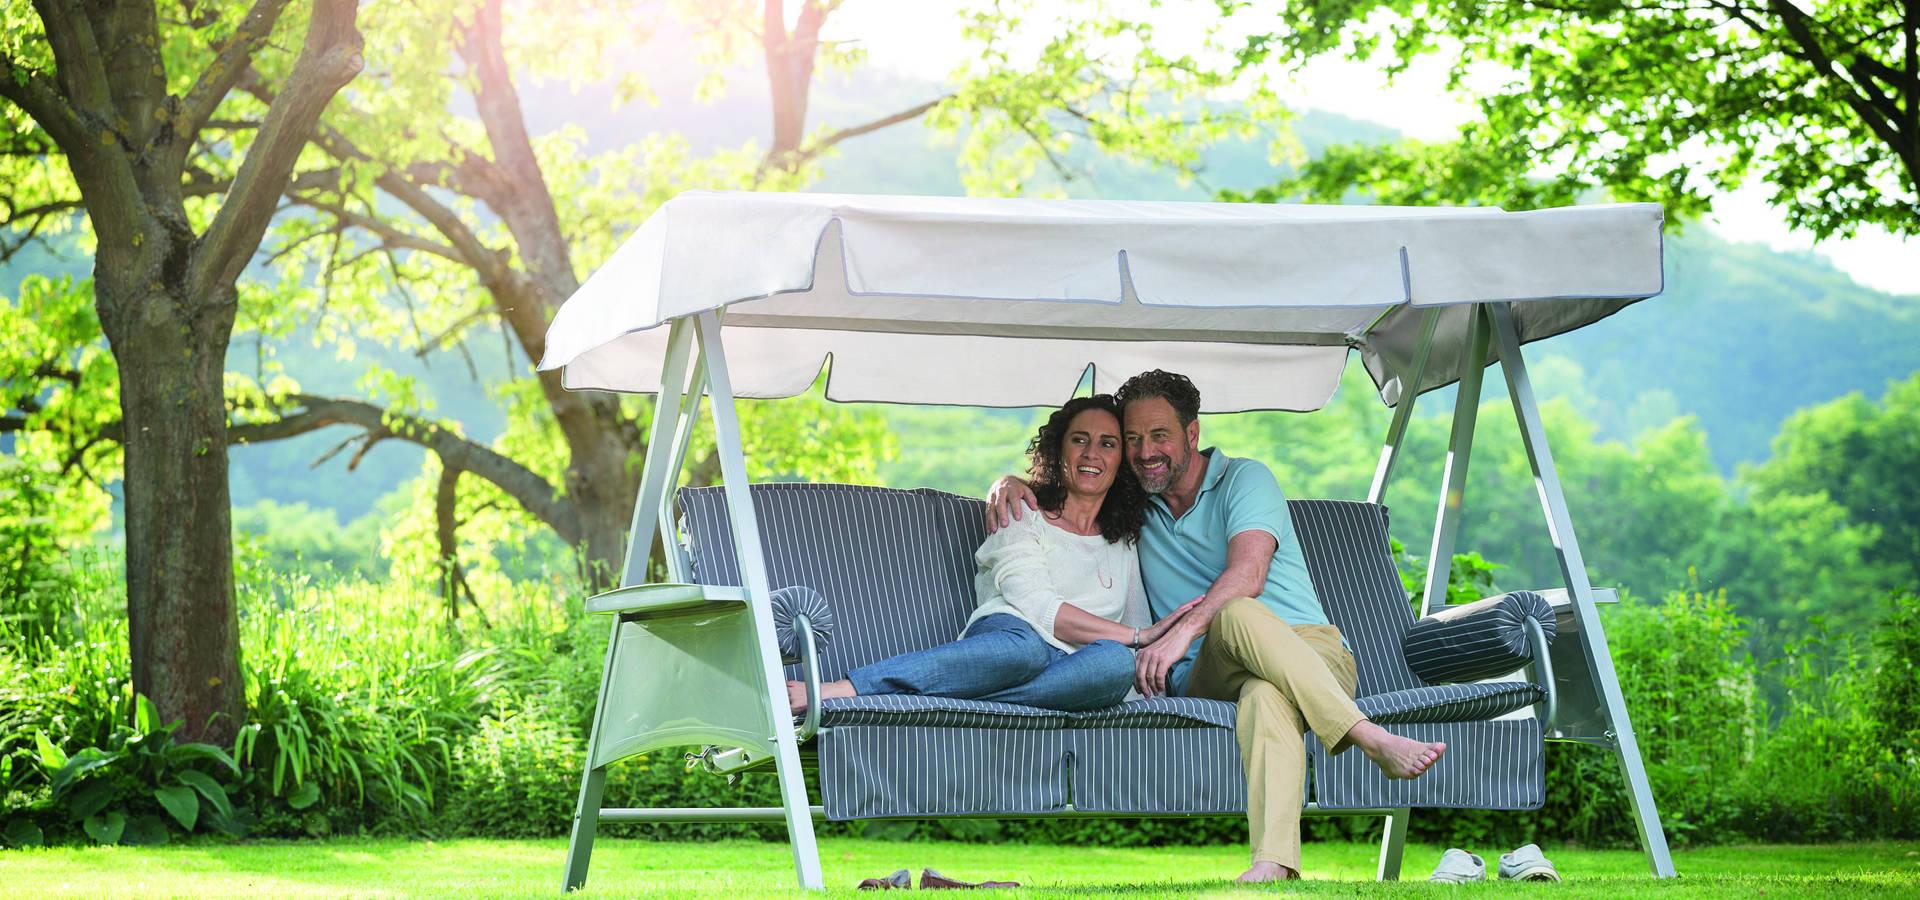 edinger fachmarkt gmbh online shops a mellrichstadt homify. Black Bedroom Furniture Sets. Home Design Ideas